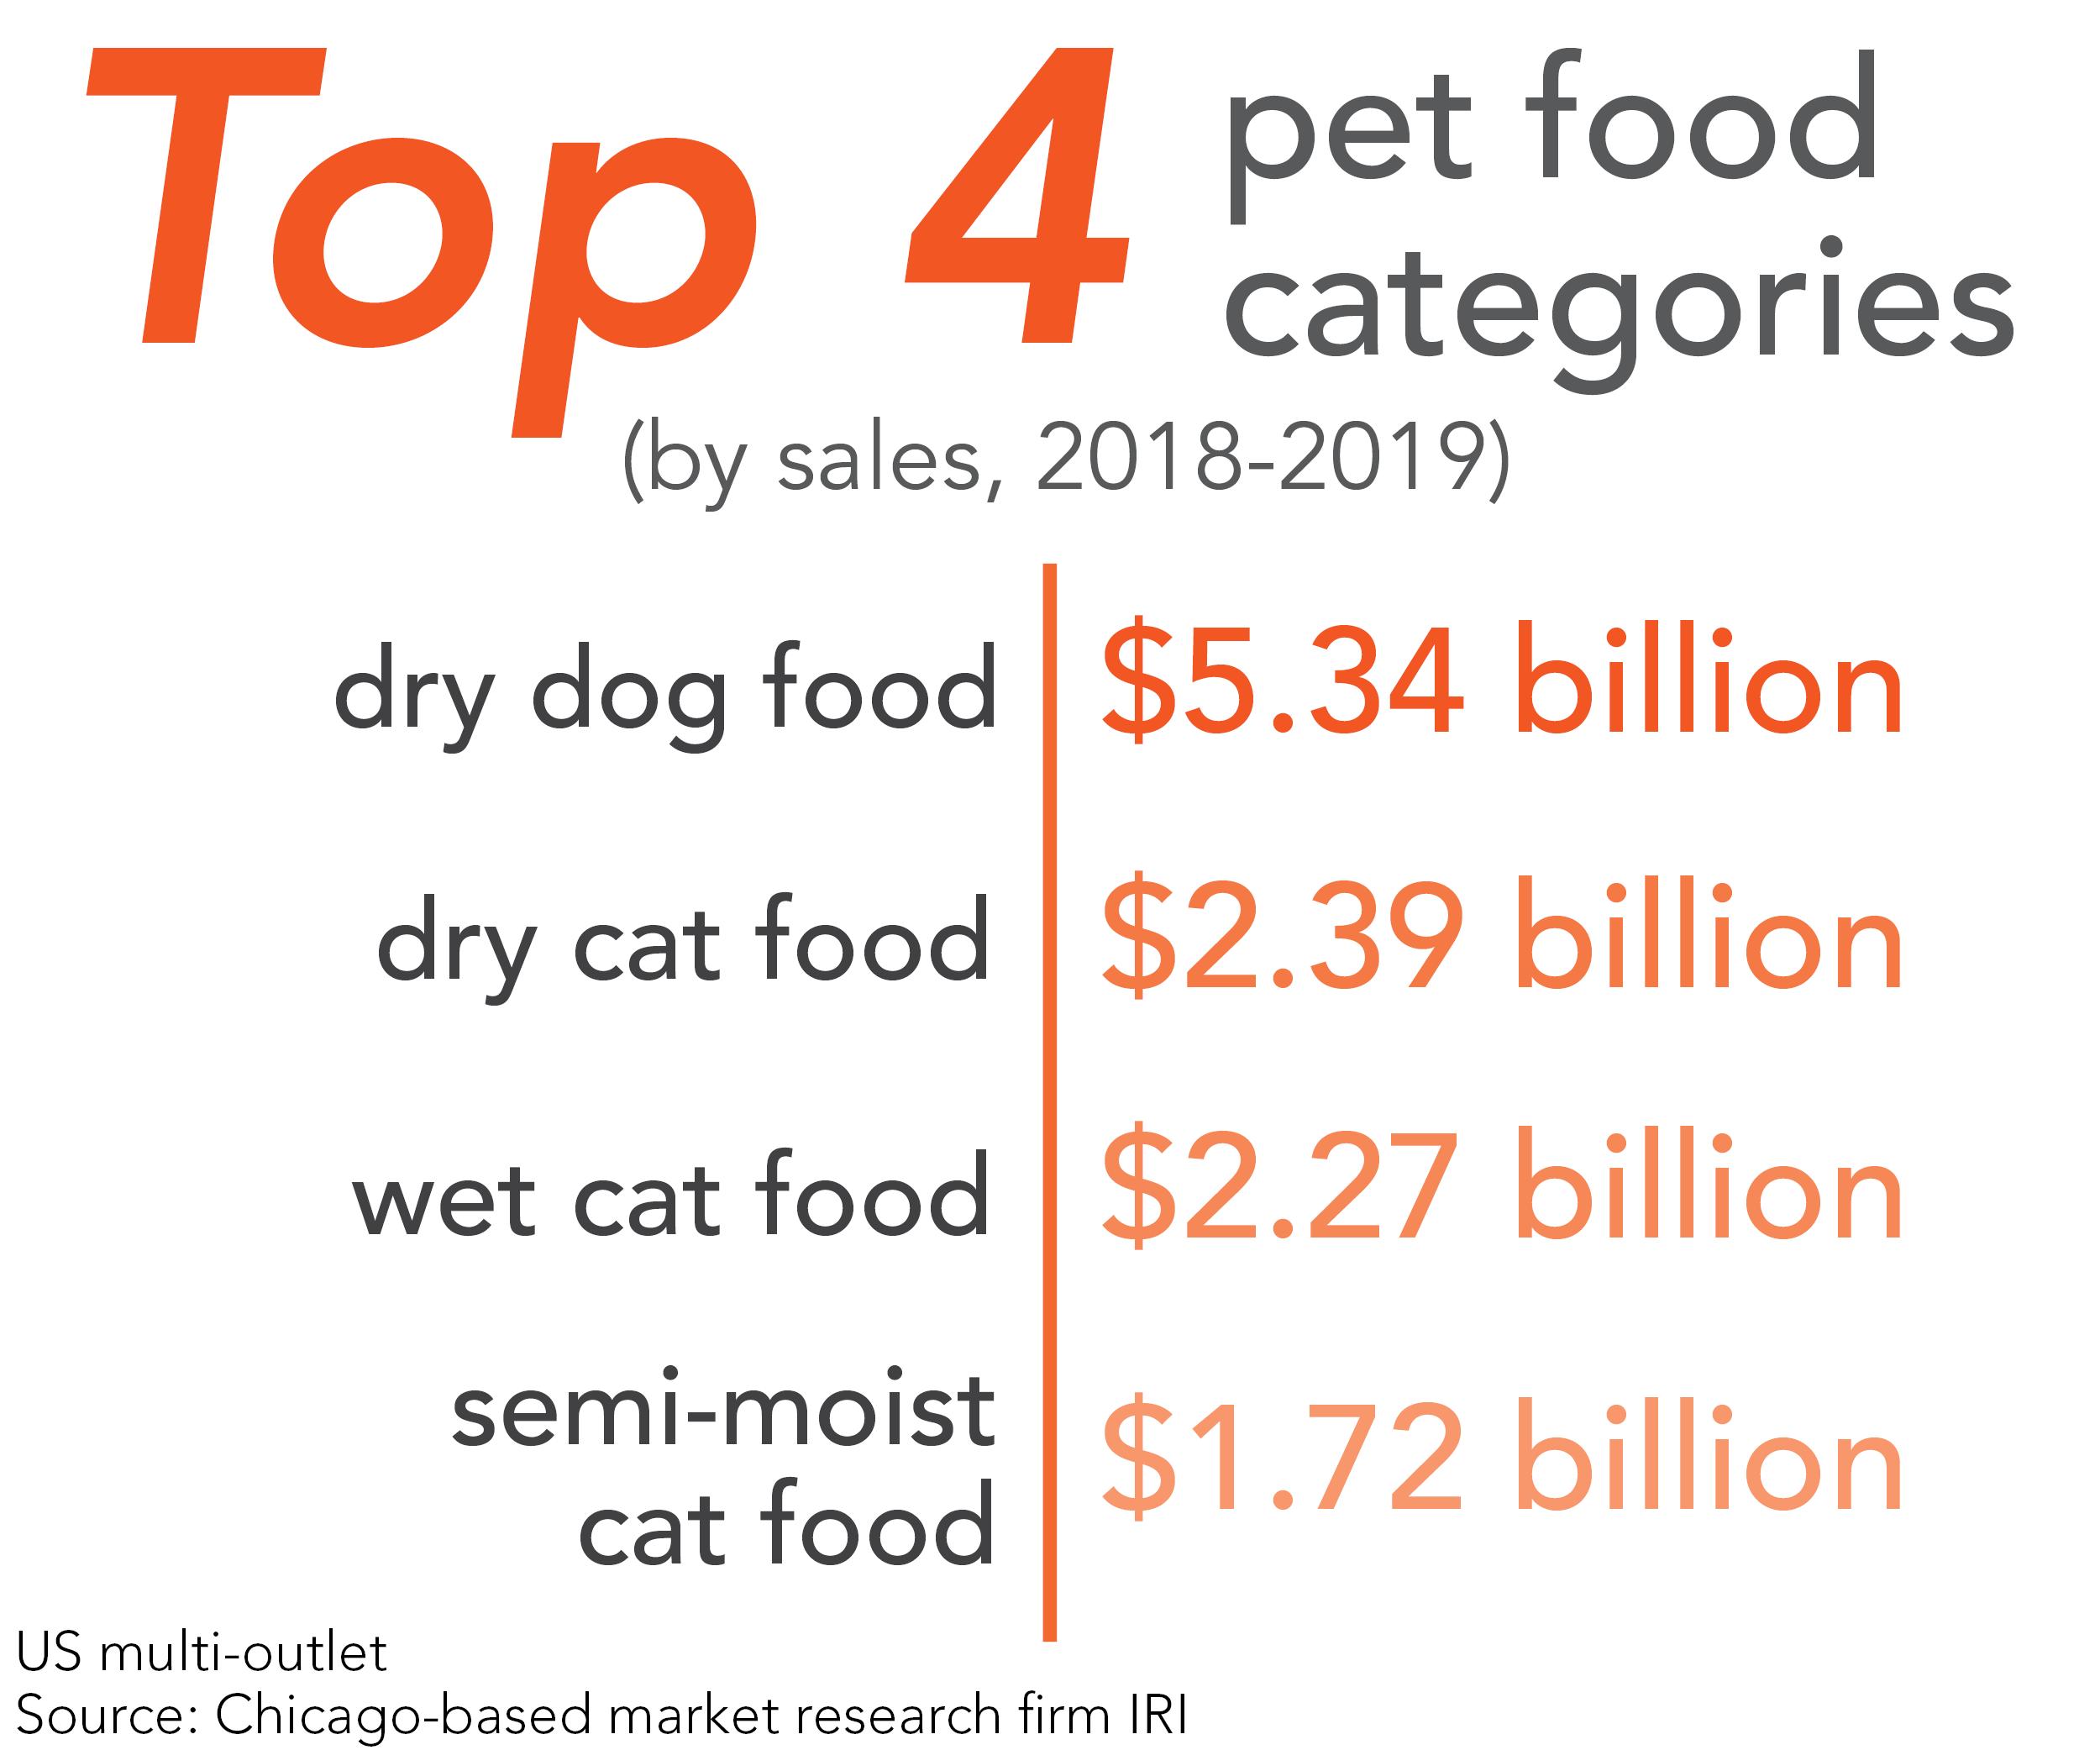 Top 4 pet food categories by sales